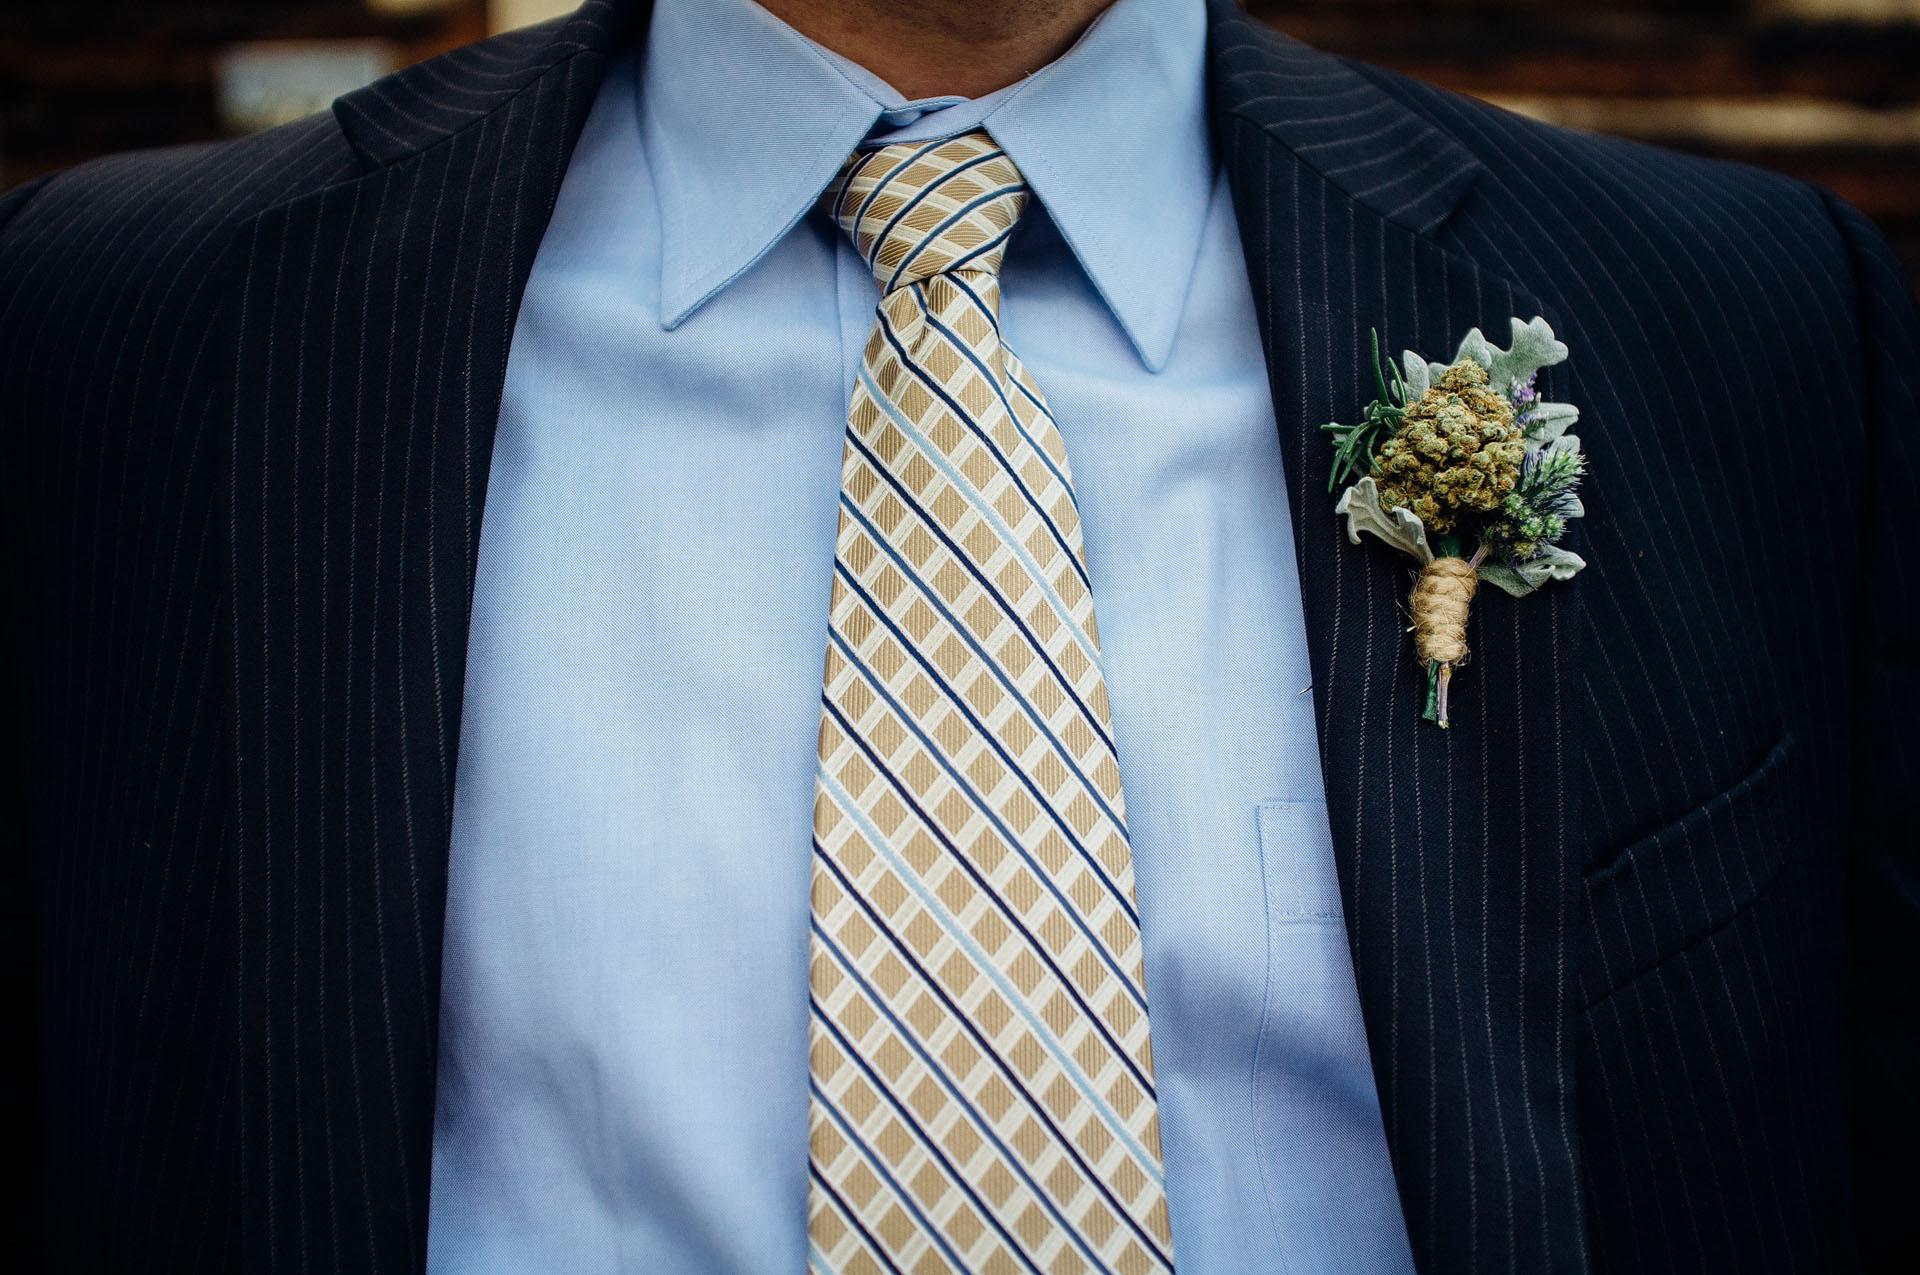 Lollylah-Colorado-Cannabis-Inspired-Wedding-Shoot-108